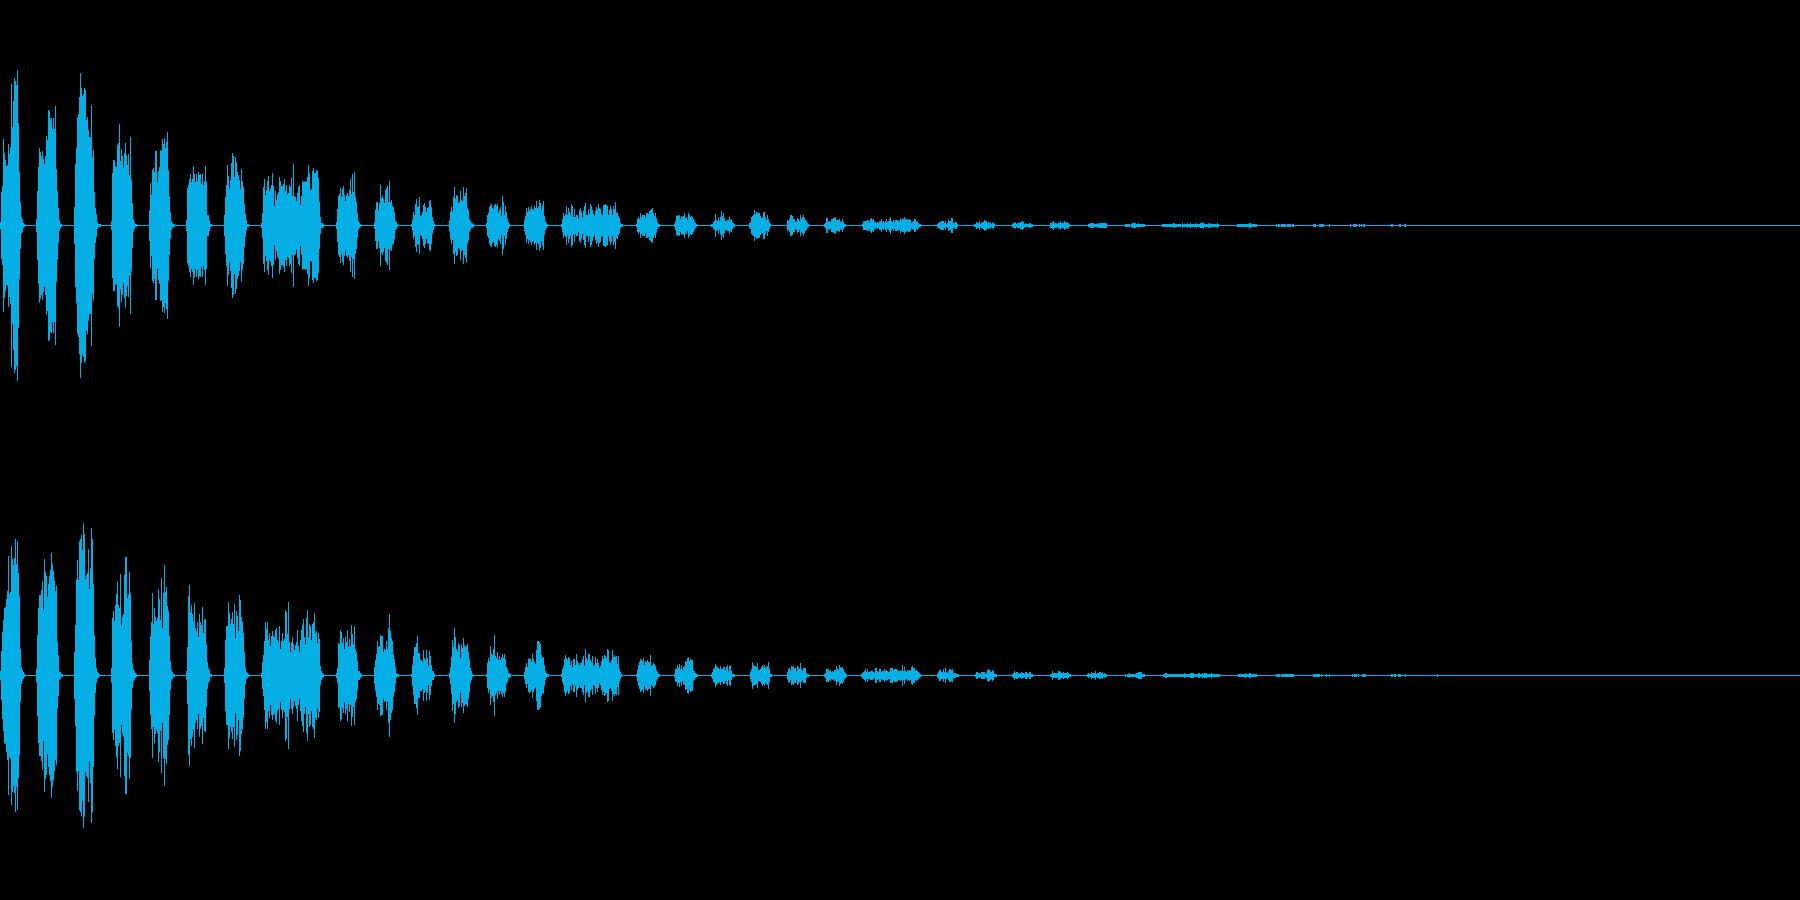 251 爆発(2-3)の再生済みの波形